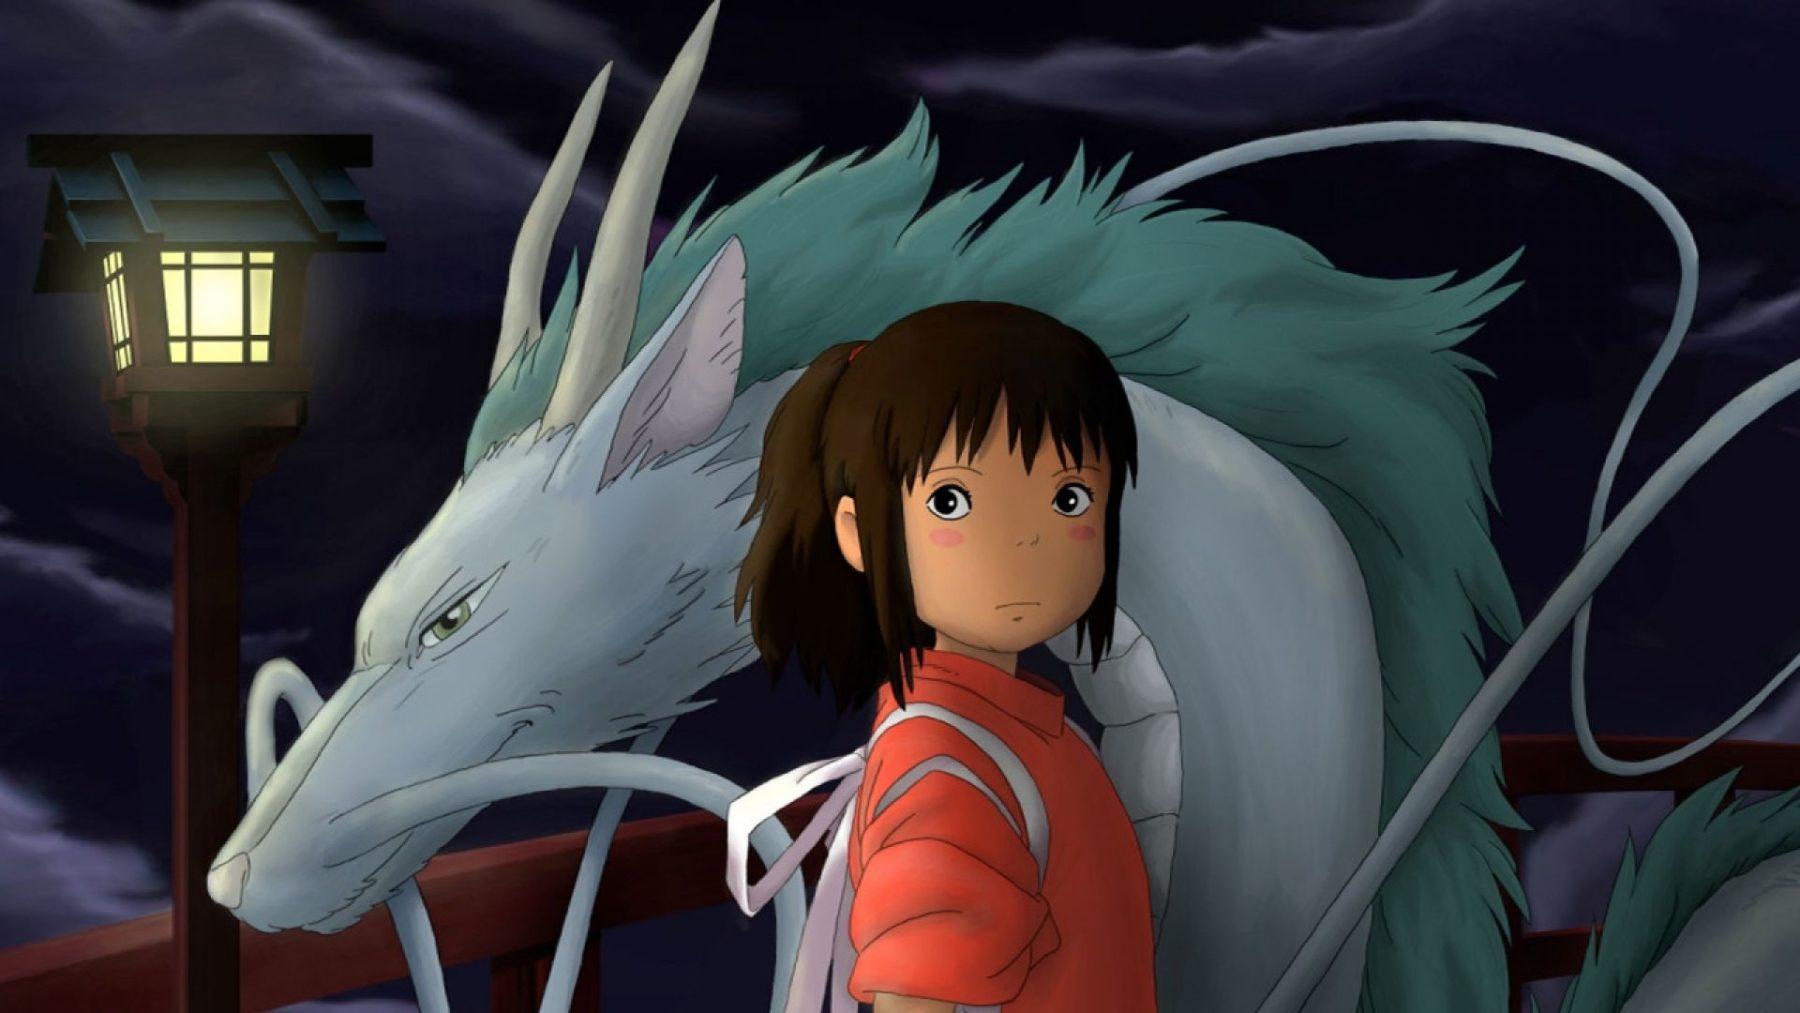 Netflix adquiere los derechos de transmisión internacional de las películas de Studio Ghibli